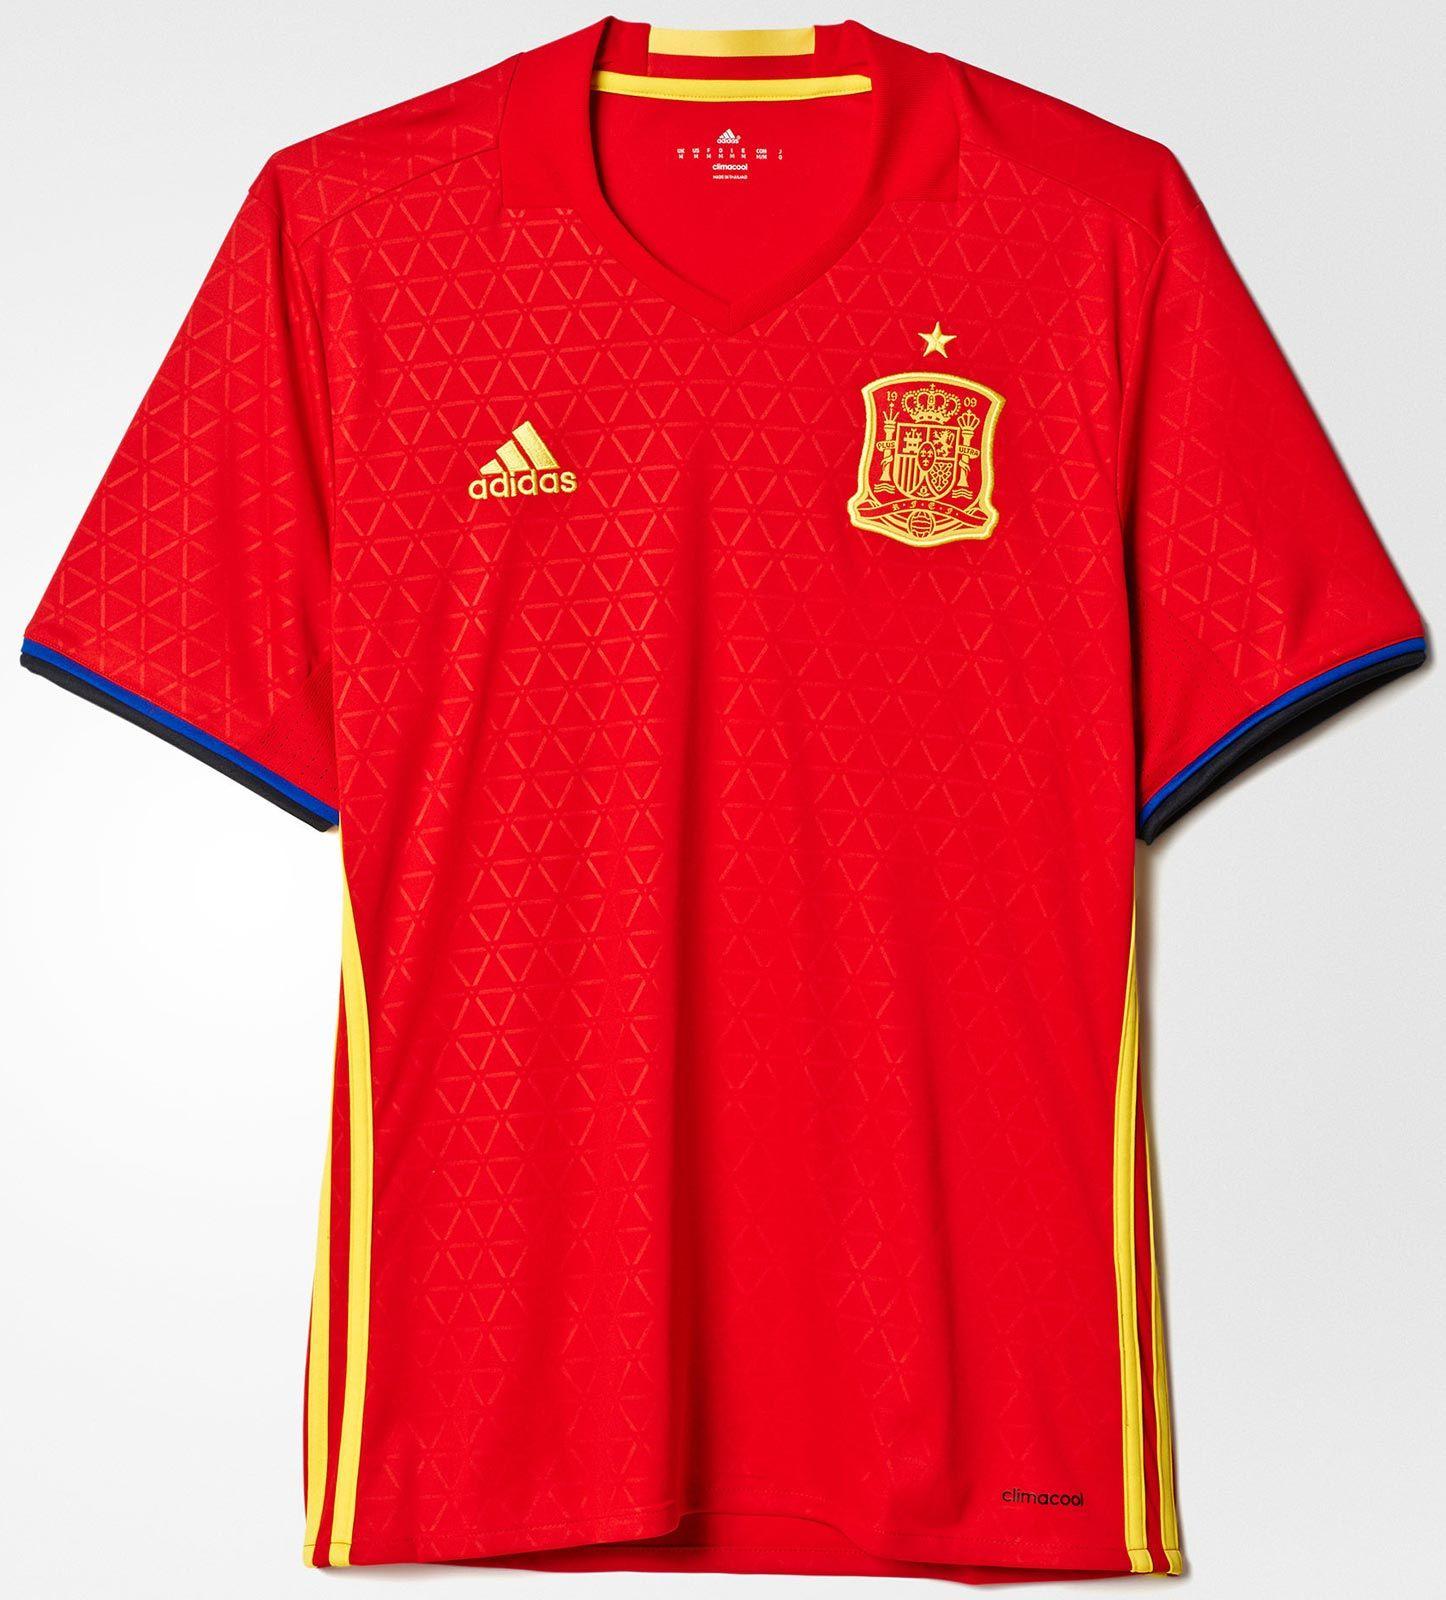 469ad75a16a46 Adidas divulga nova camisa titular da Espanha - Show de Camisas ...